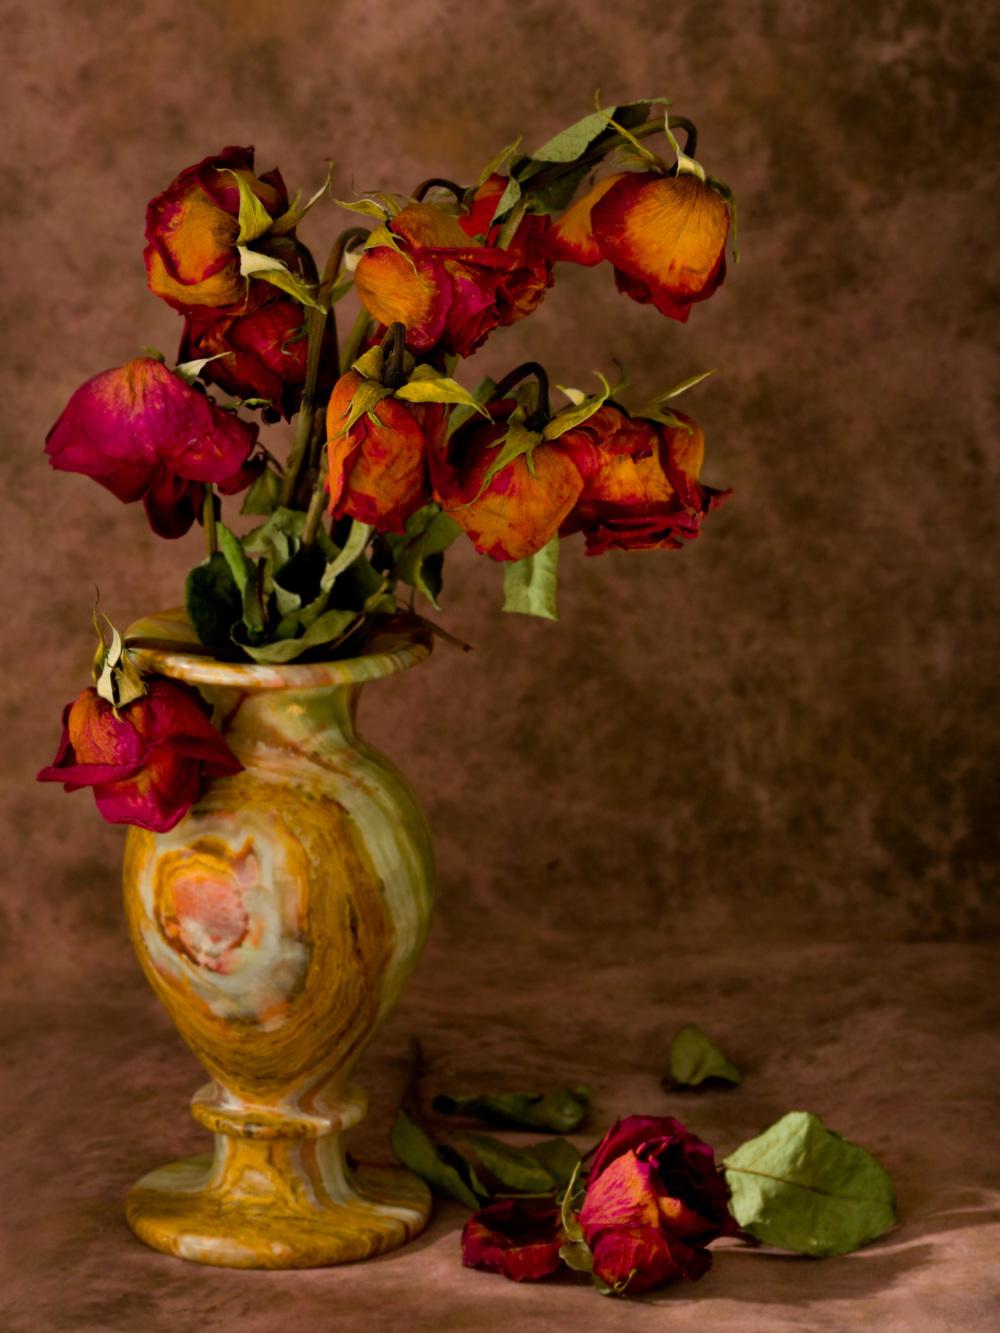 Still Life: Dead Roses